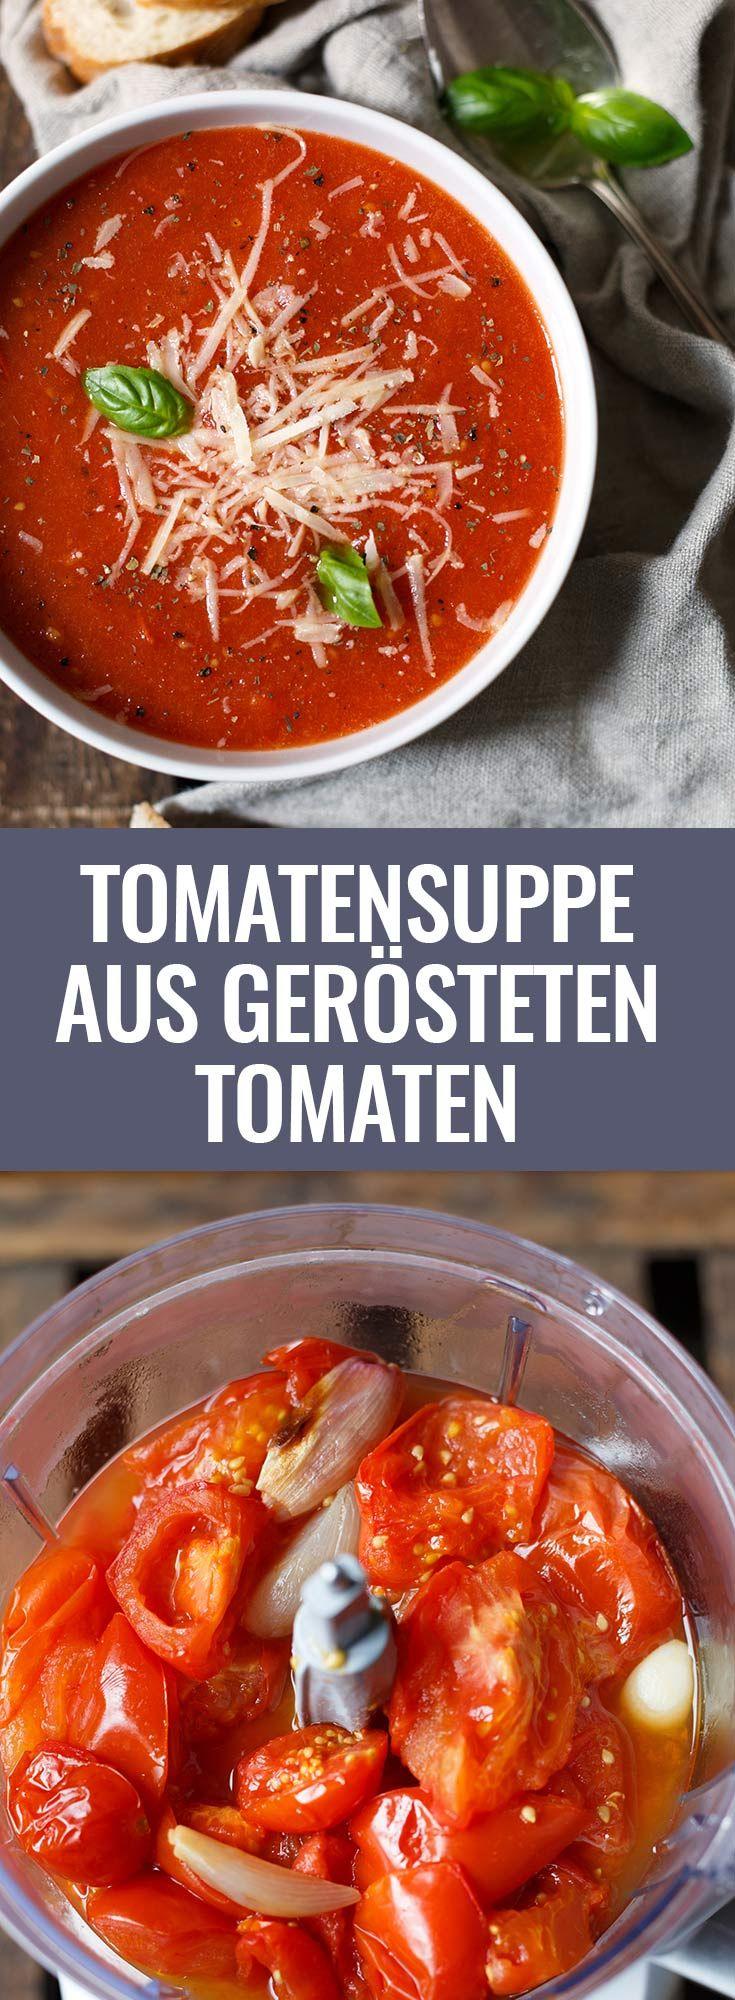 Geröstete Tomatensuppe aus Tomaten, Knoblauch, Zwiebel, Olivenöl und Basilikum…